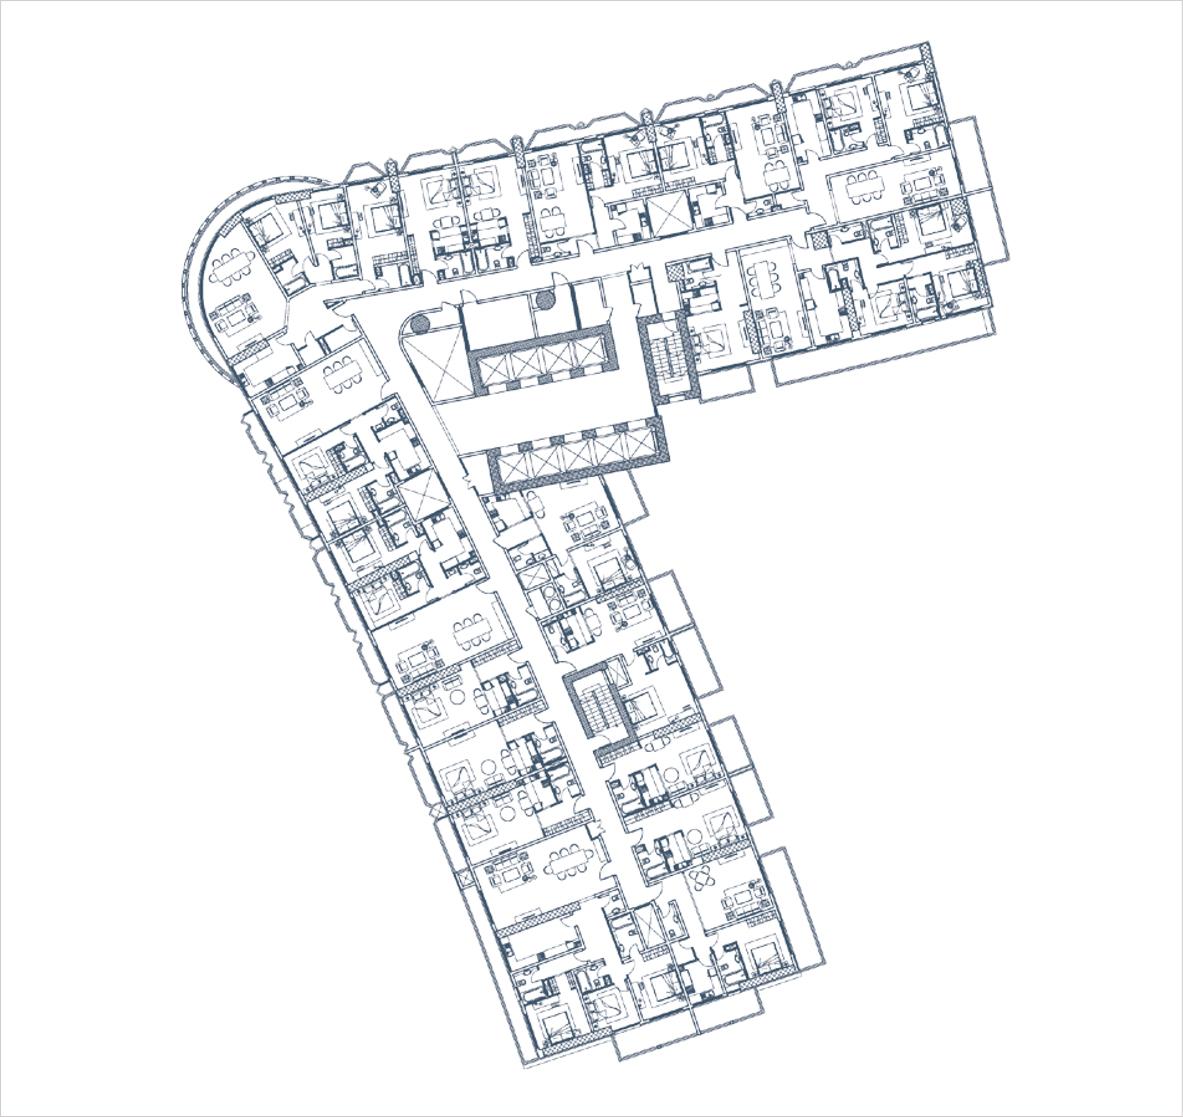 Al-Murad-Tower Master Plan